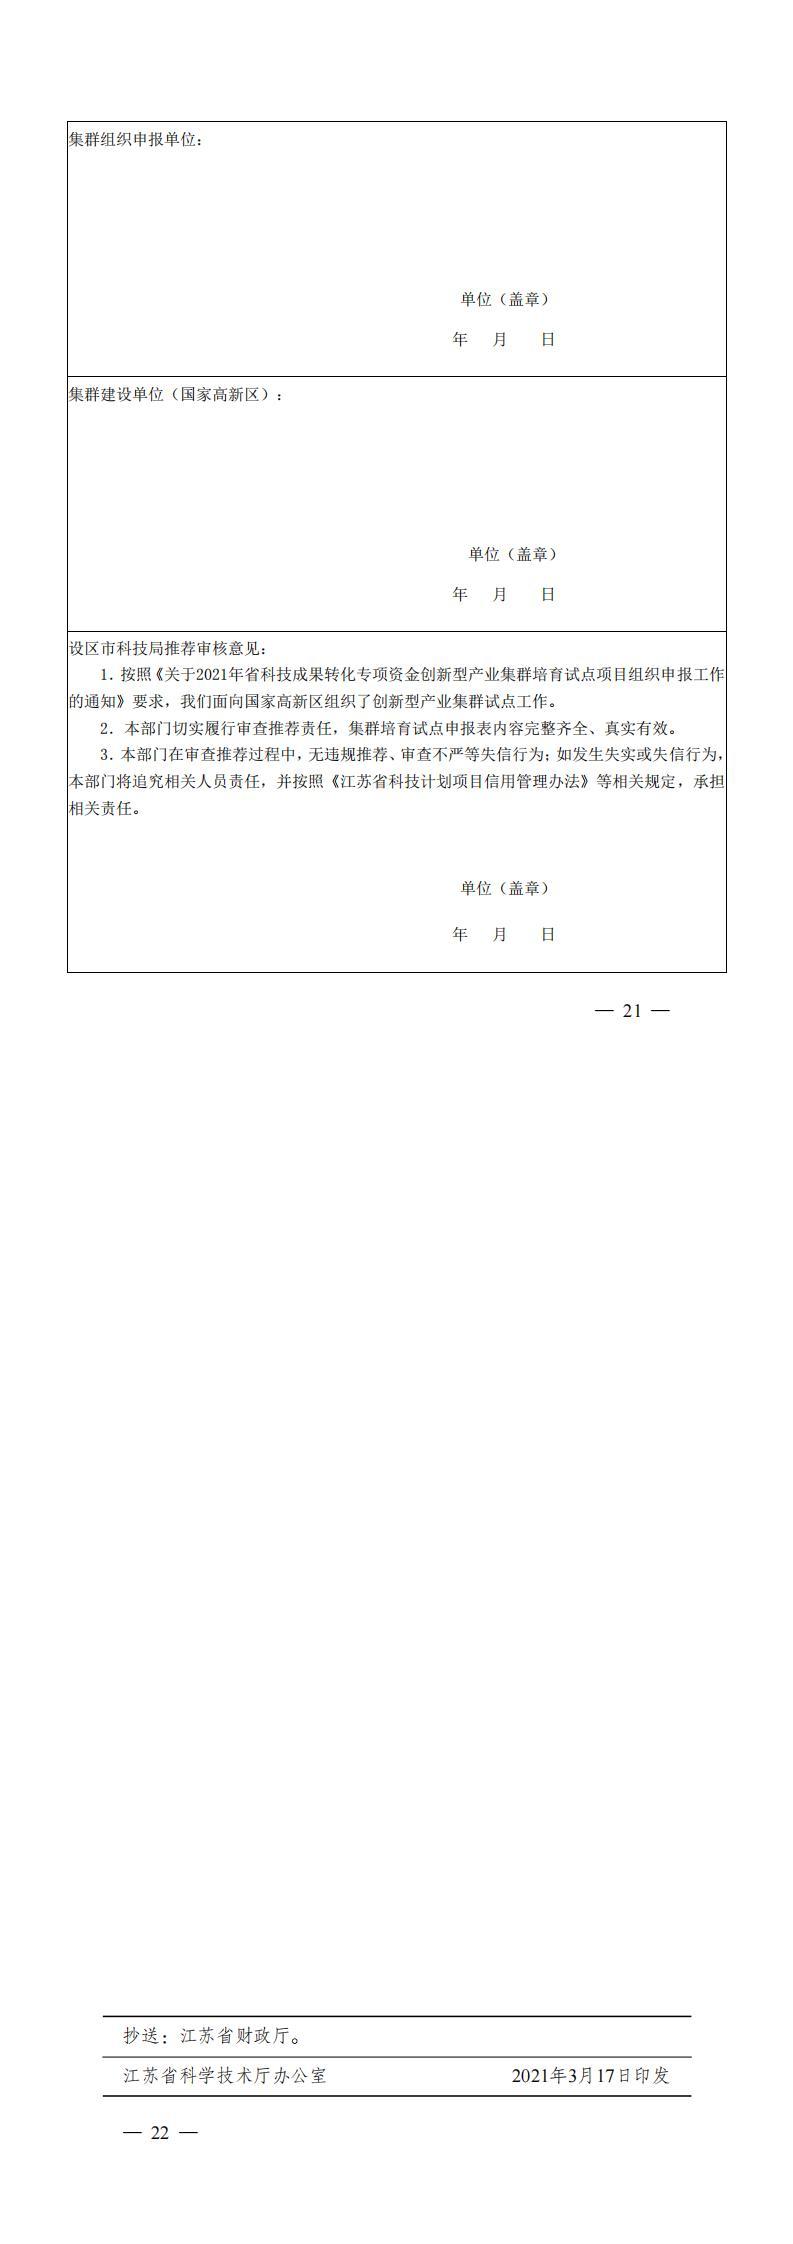 1_0.jpg